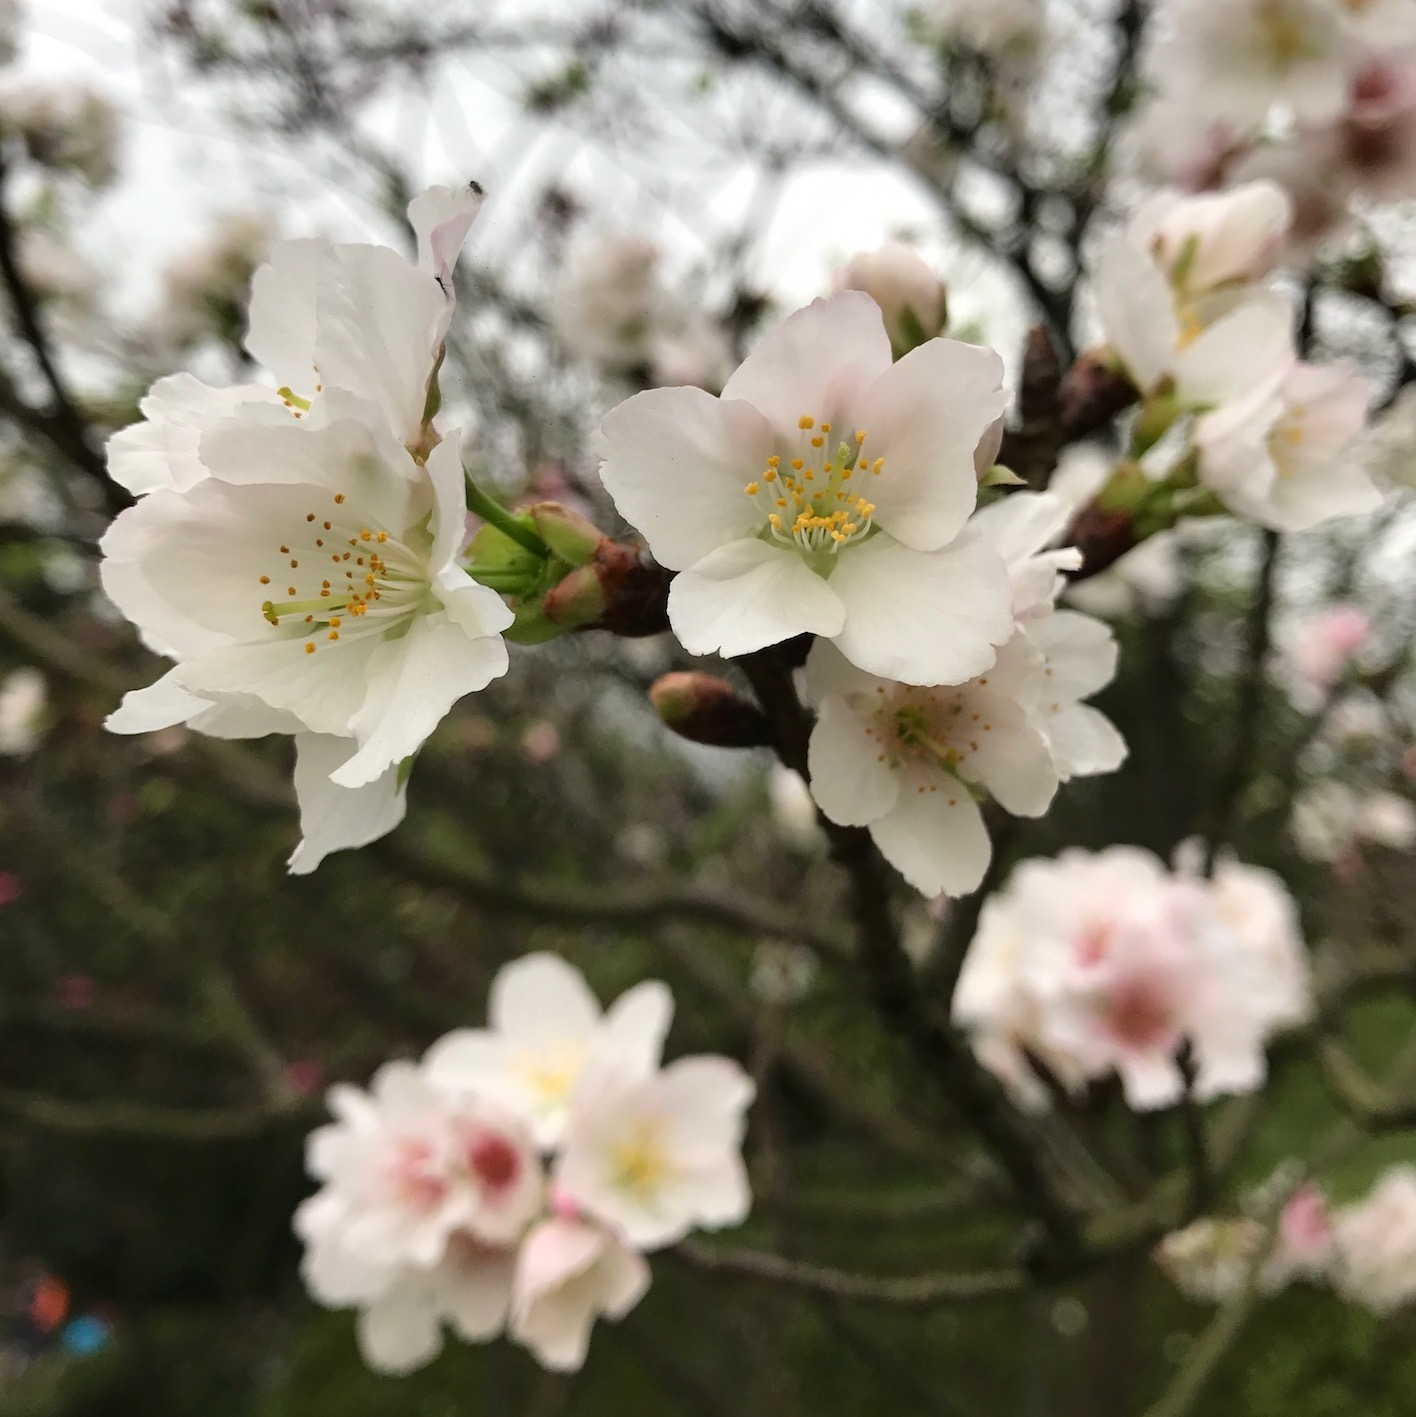 陽明山 櫻花季 花見 春之饗宴 視覺 味覺 饗宴